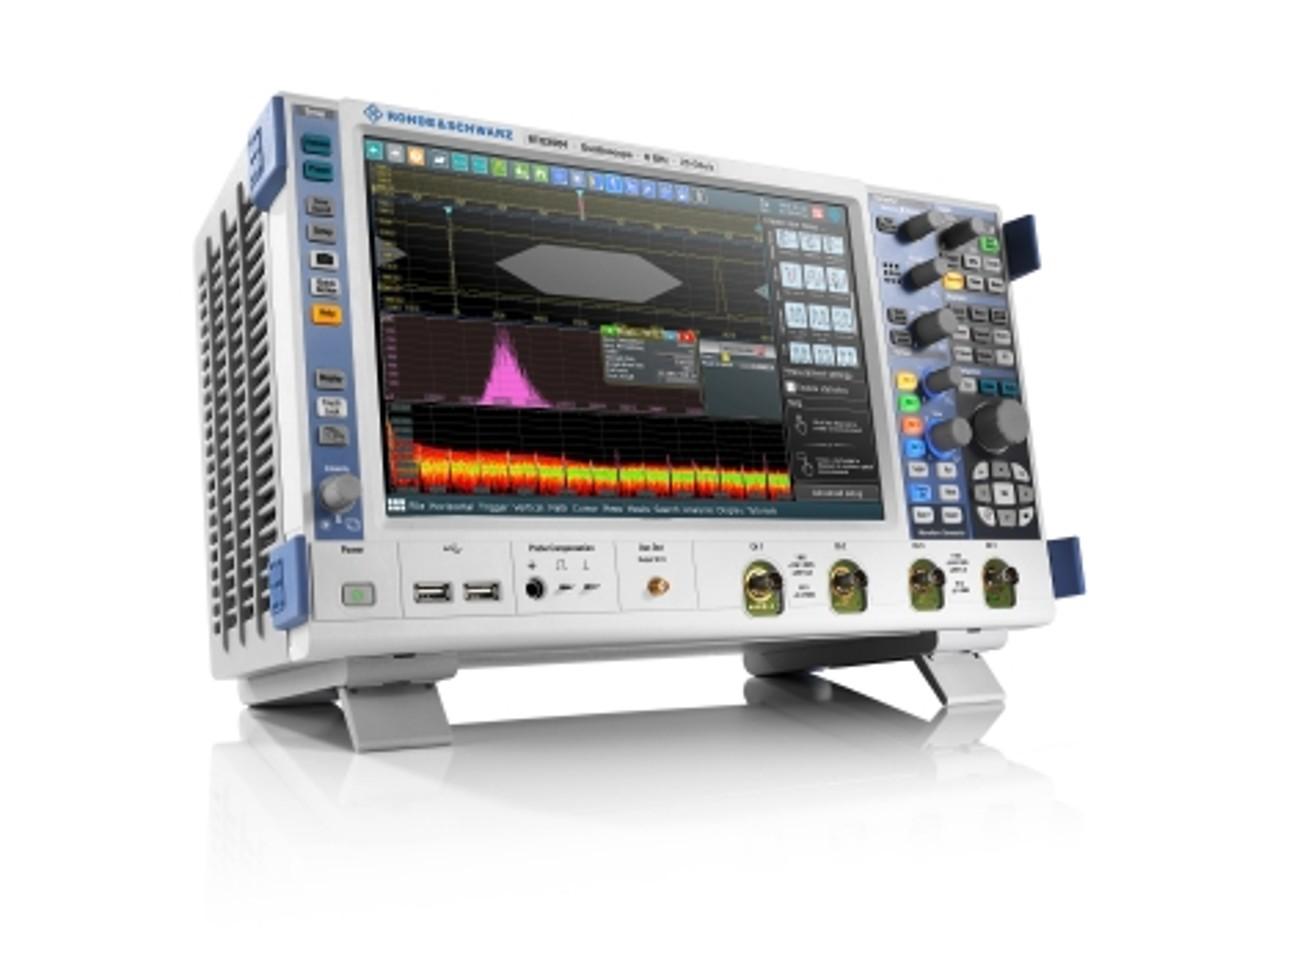 R&S RTO2000 lab oscilloscope